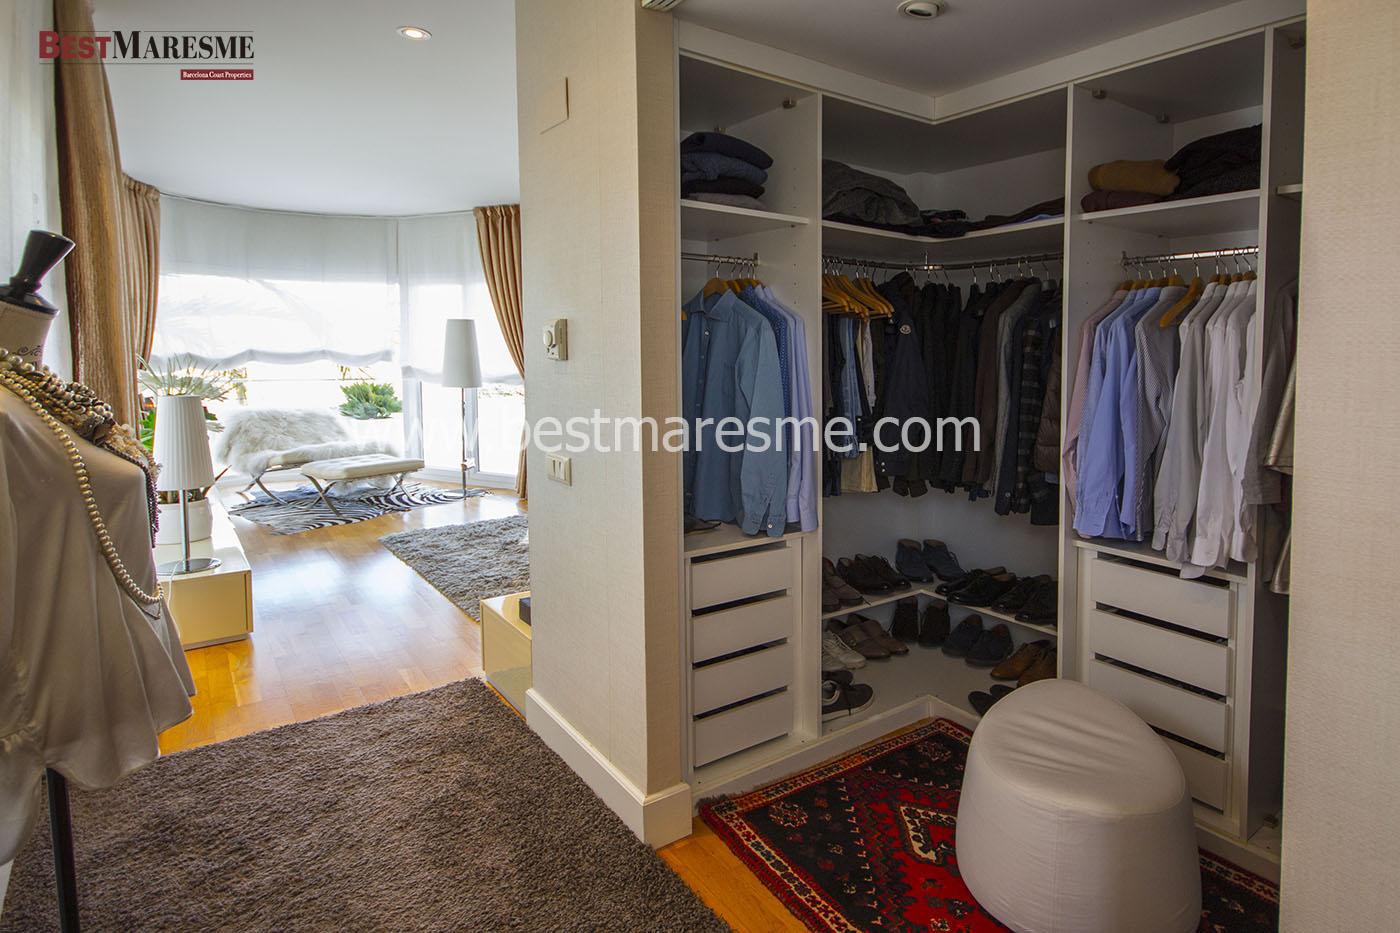 cuando nos planteamos colocar un vestidor o un armario por ejemplo si queremos poner un vestidor es fundamental considerar si disponemos de una habitacin - Vestidores Abiertos